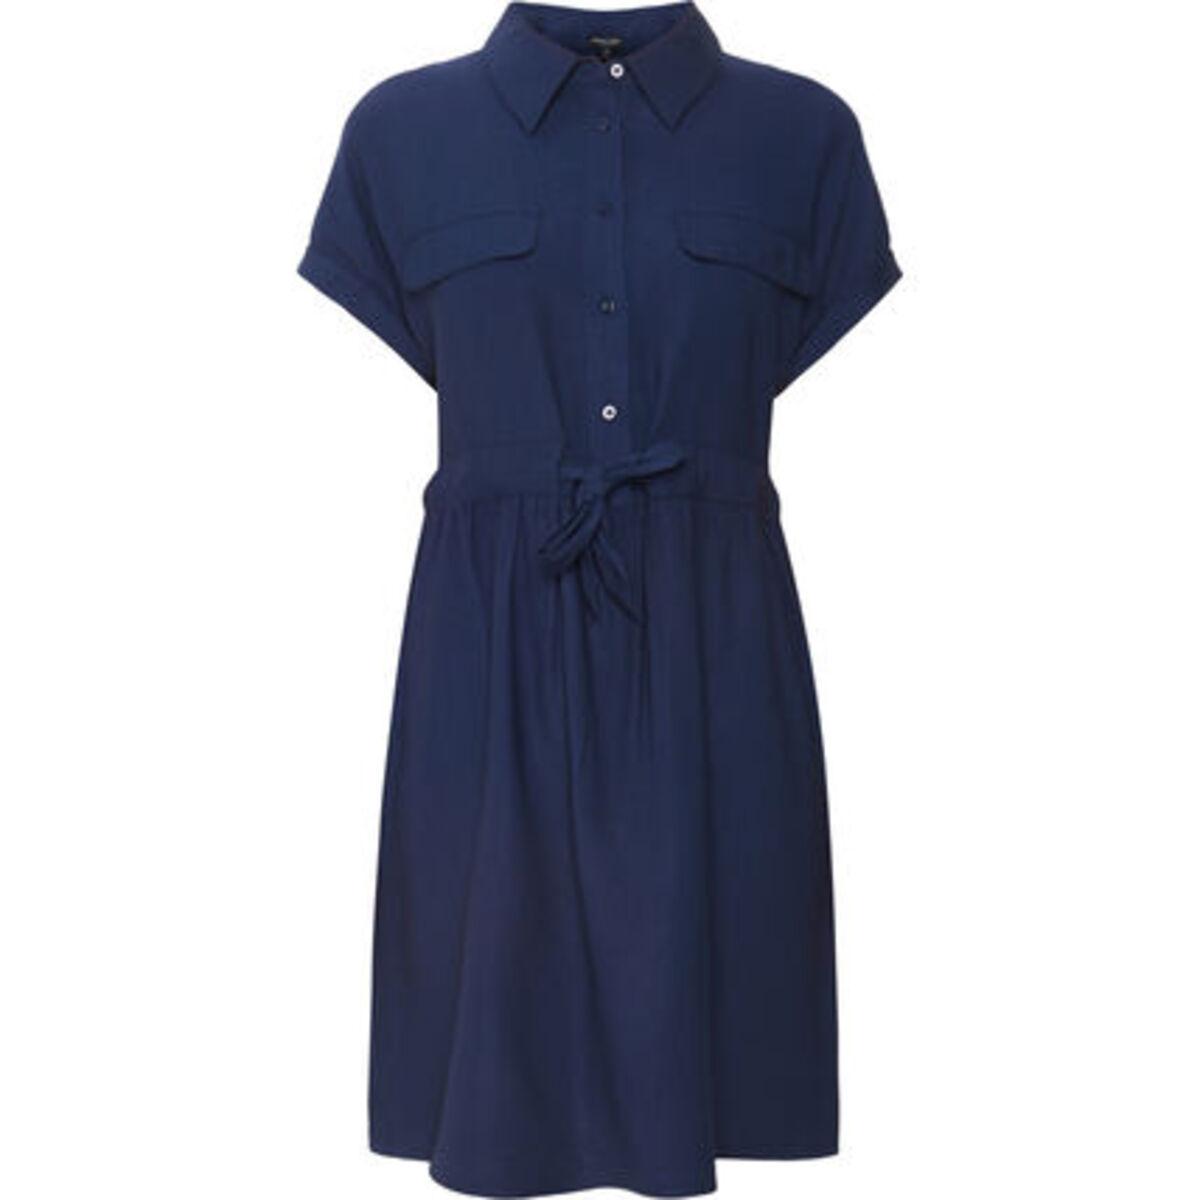 Bild 1 von MANGUUN Collection Hemdkleid, Gummizug, für Damen